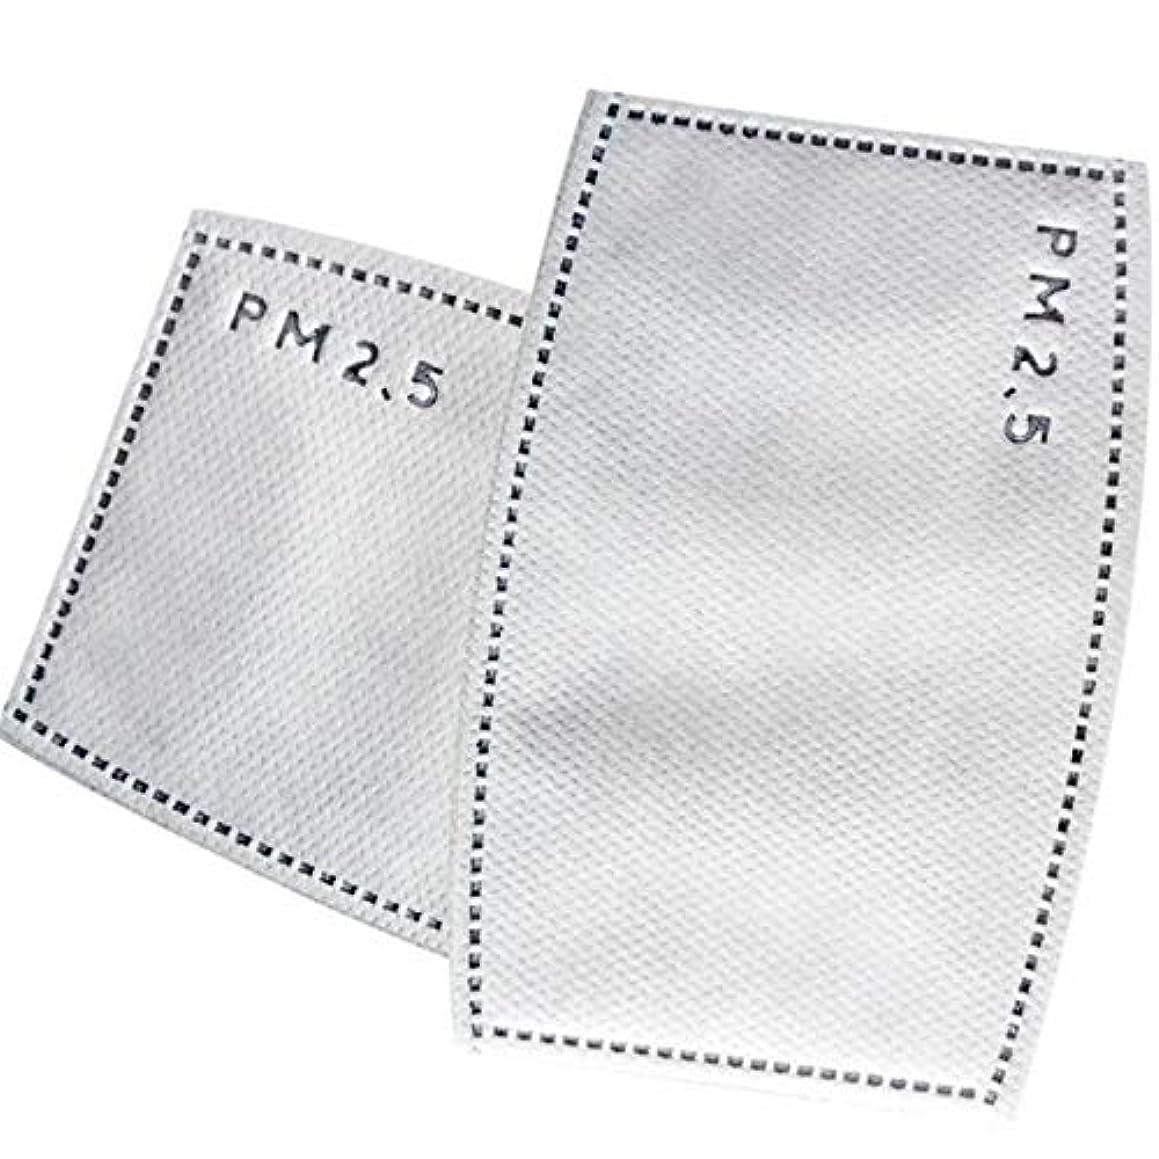 ダッシュ聞きますかんがいLixiuqun home 50袋5層活性炭フィルターN95効率的なろ過PM2.5アンチヘイズ口マスク交換可能フィルター用口マッフル (色 : Adults)